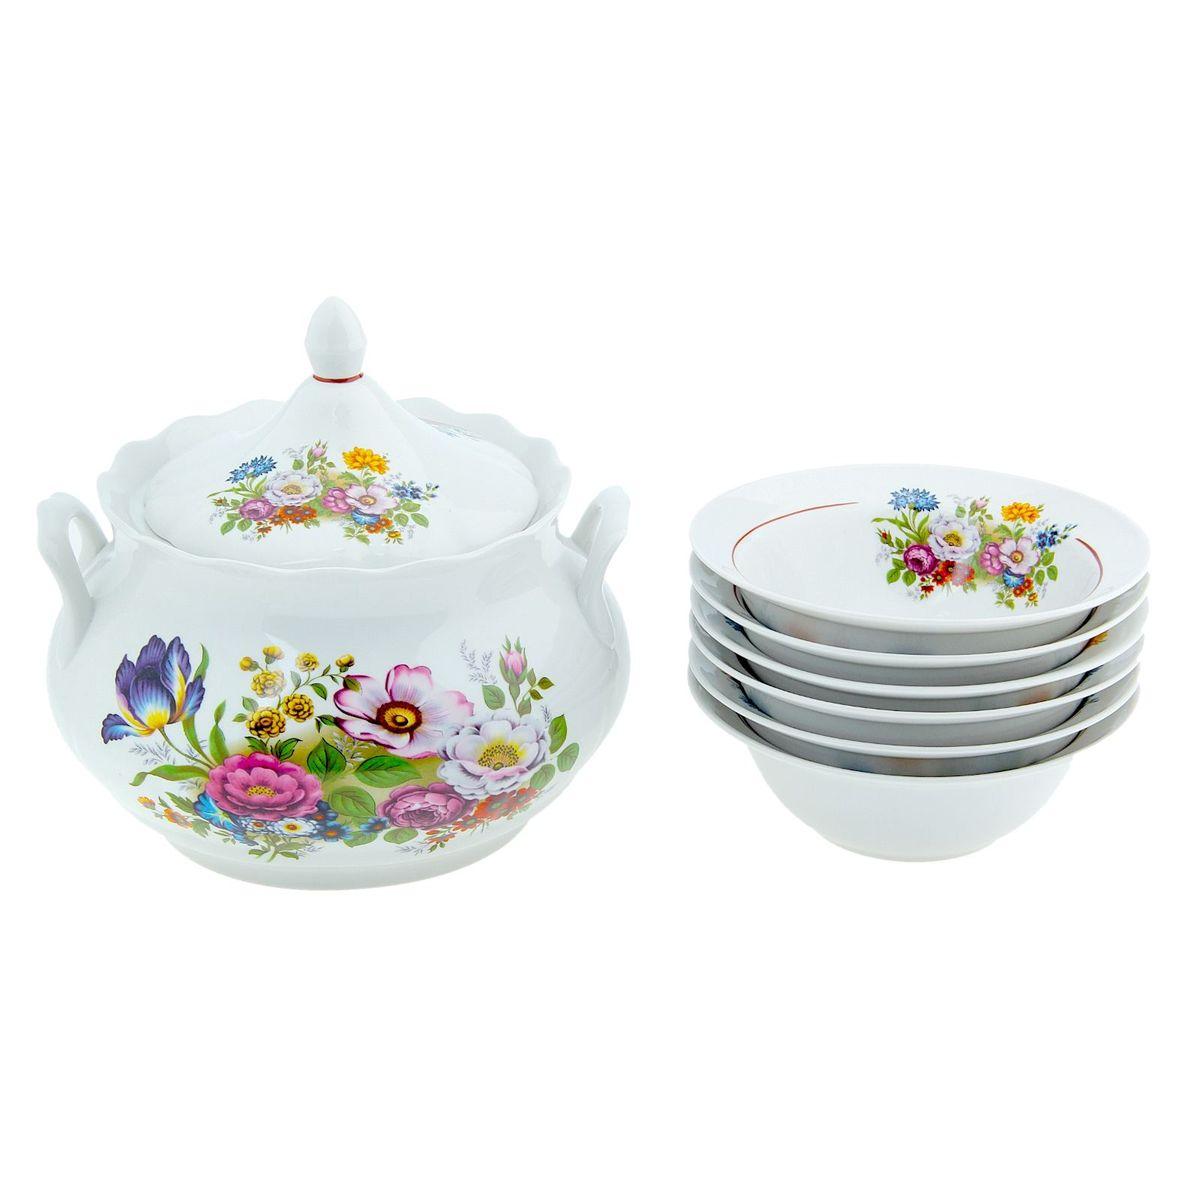 Набор для пельменей Романс. Букет цветов, 7 предметов набор пластиковых мисок для супа celesta festival цвет белый 500 мл 12 шт